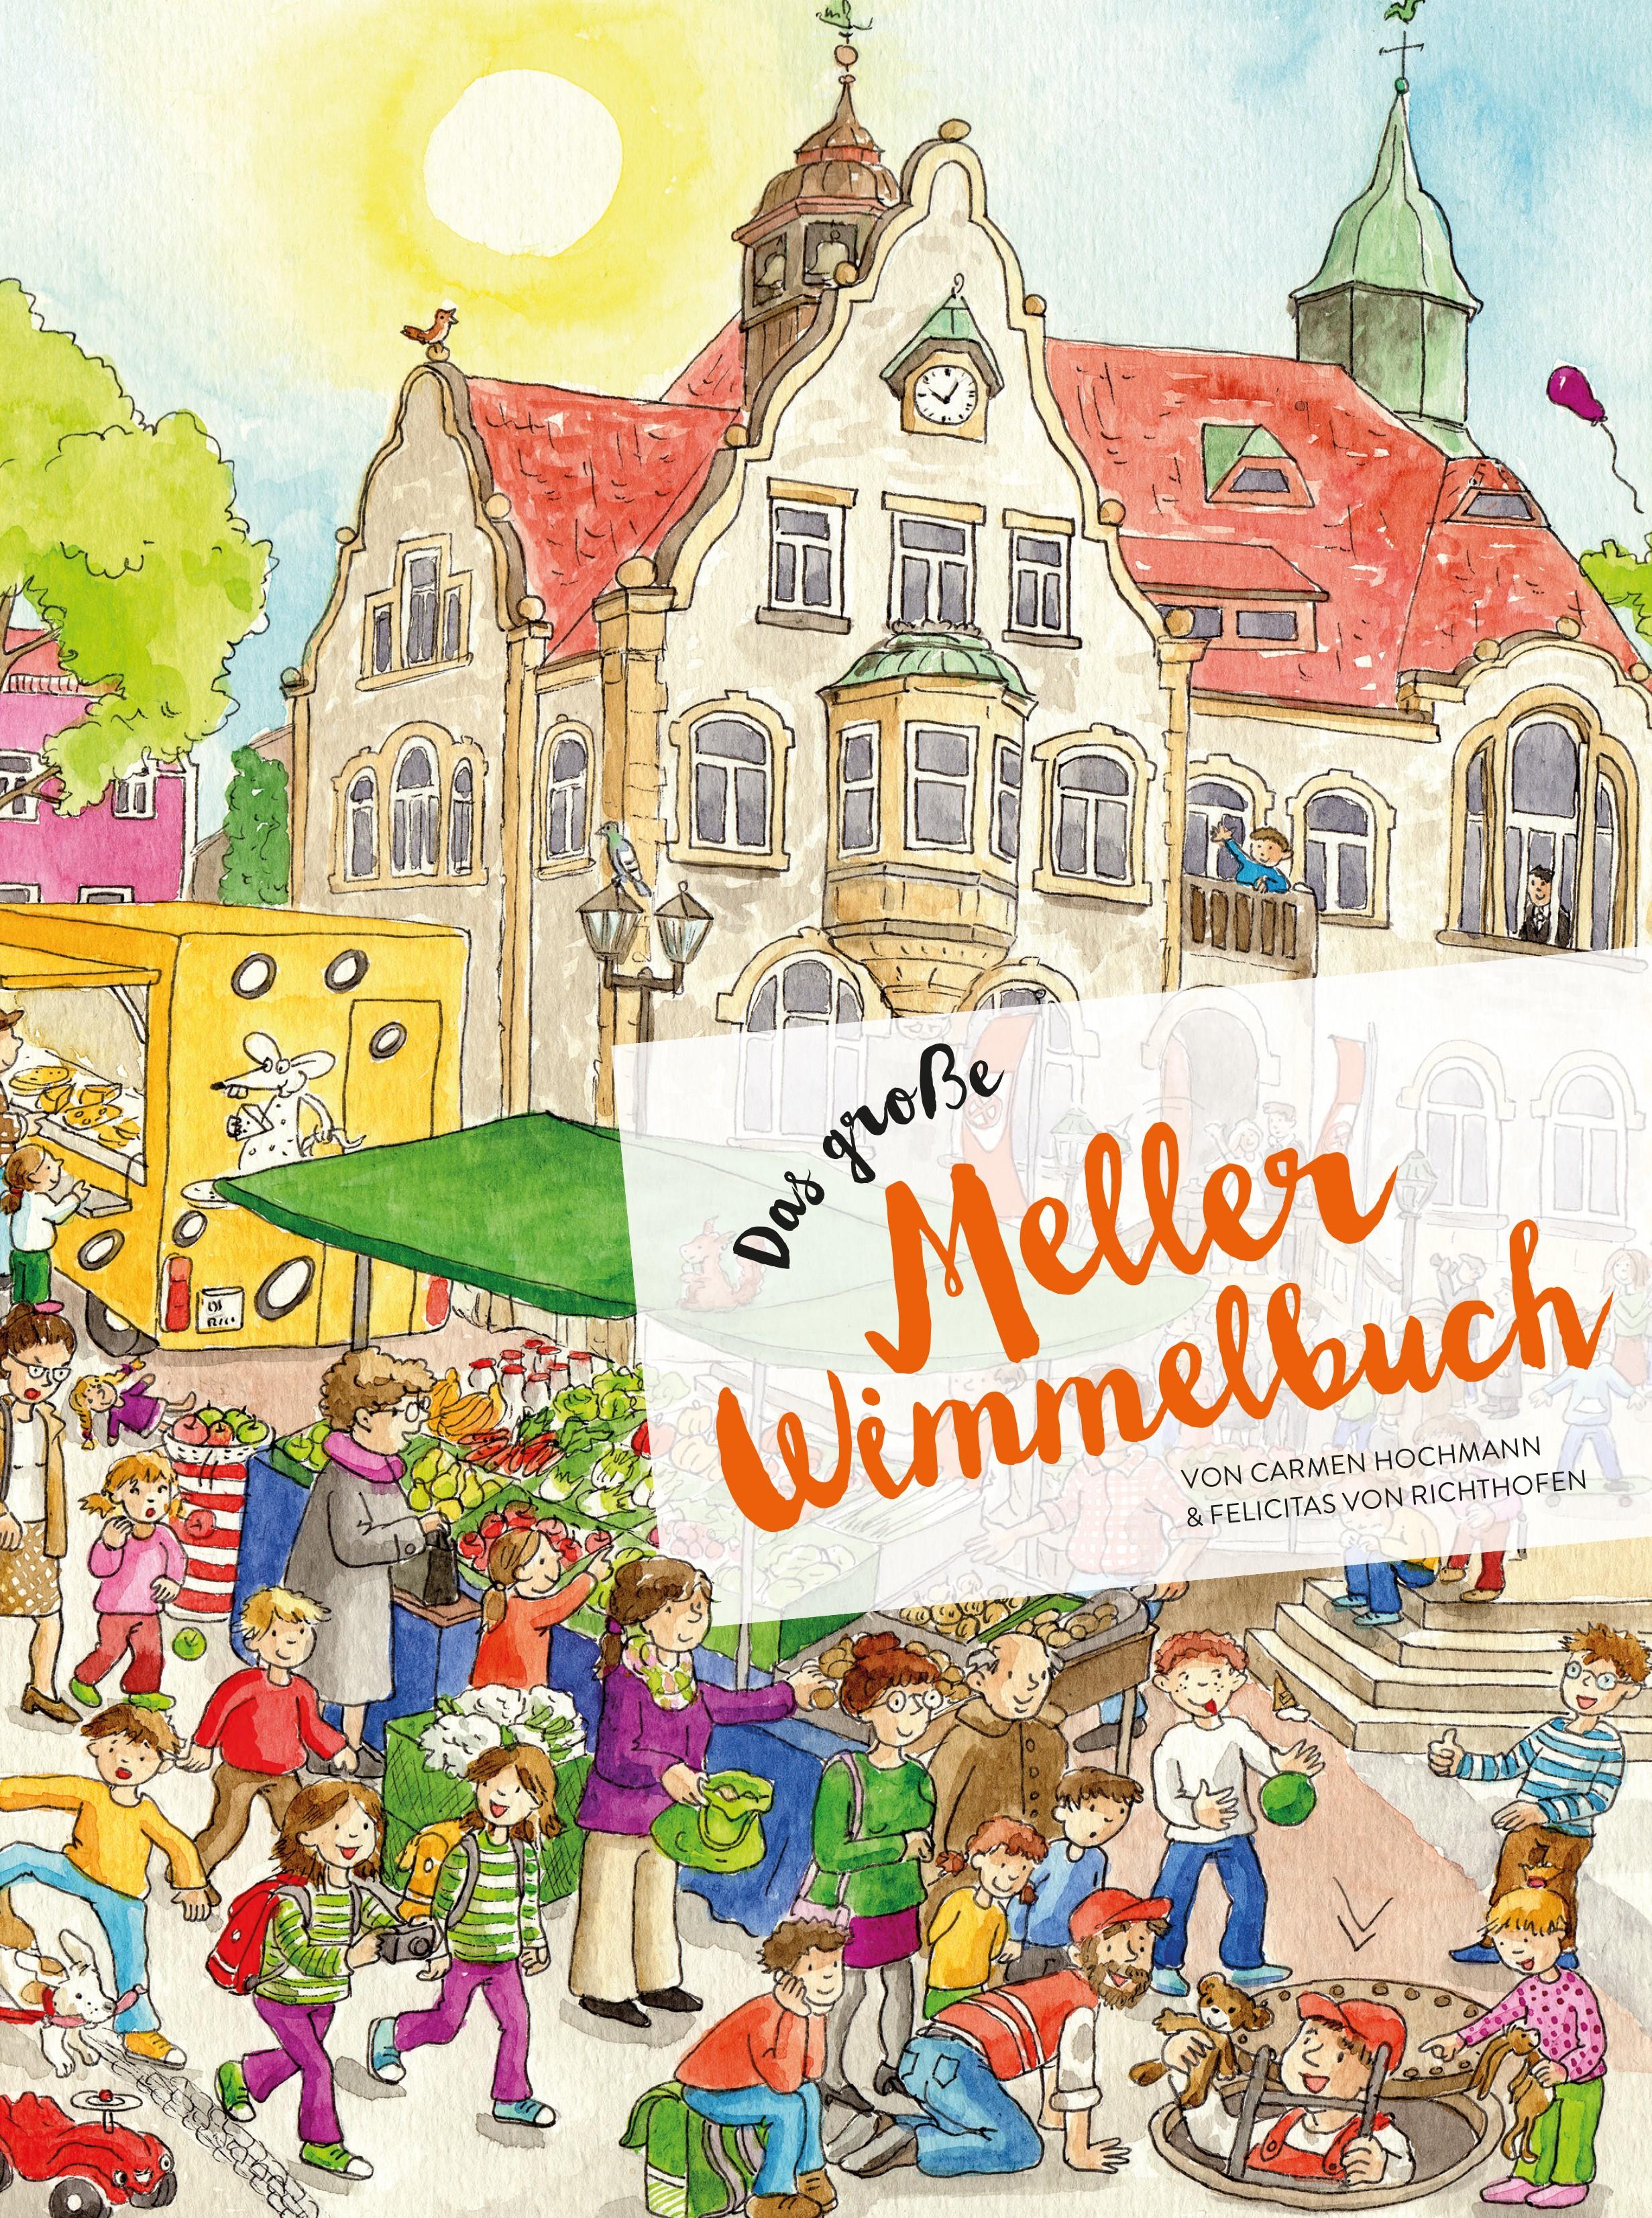 Melle Weihnachtsmarkt.Das Grosse Meller Wimmelbuch Von Carmen Hochmann Pappeinband